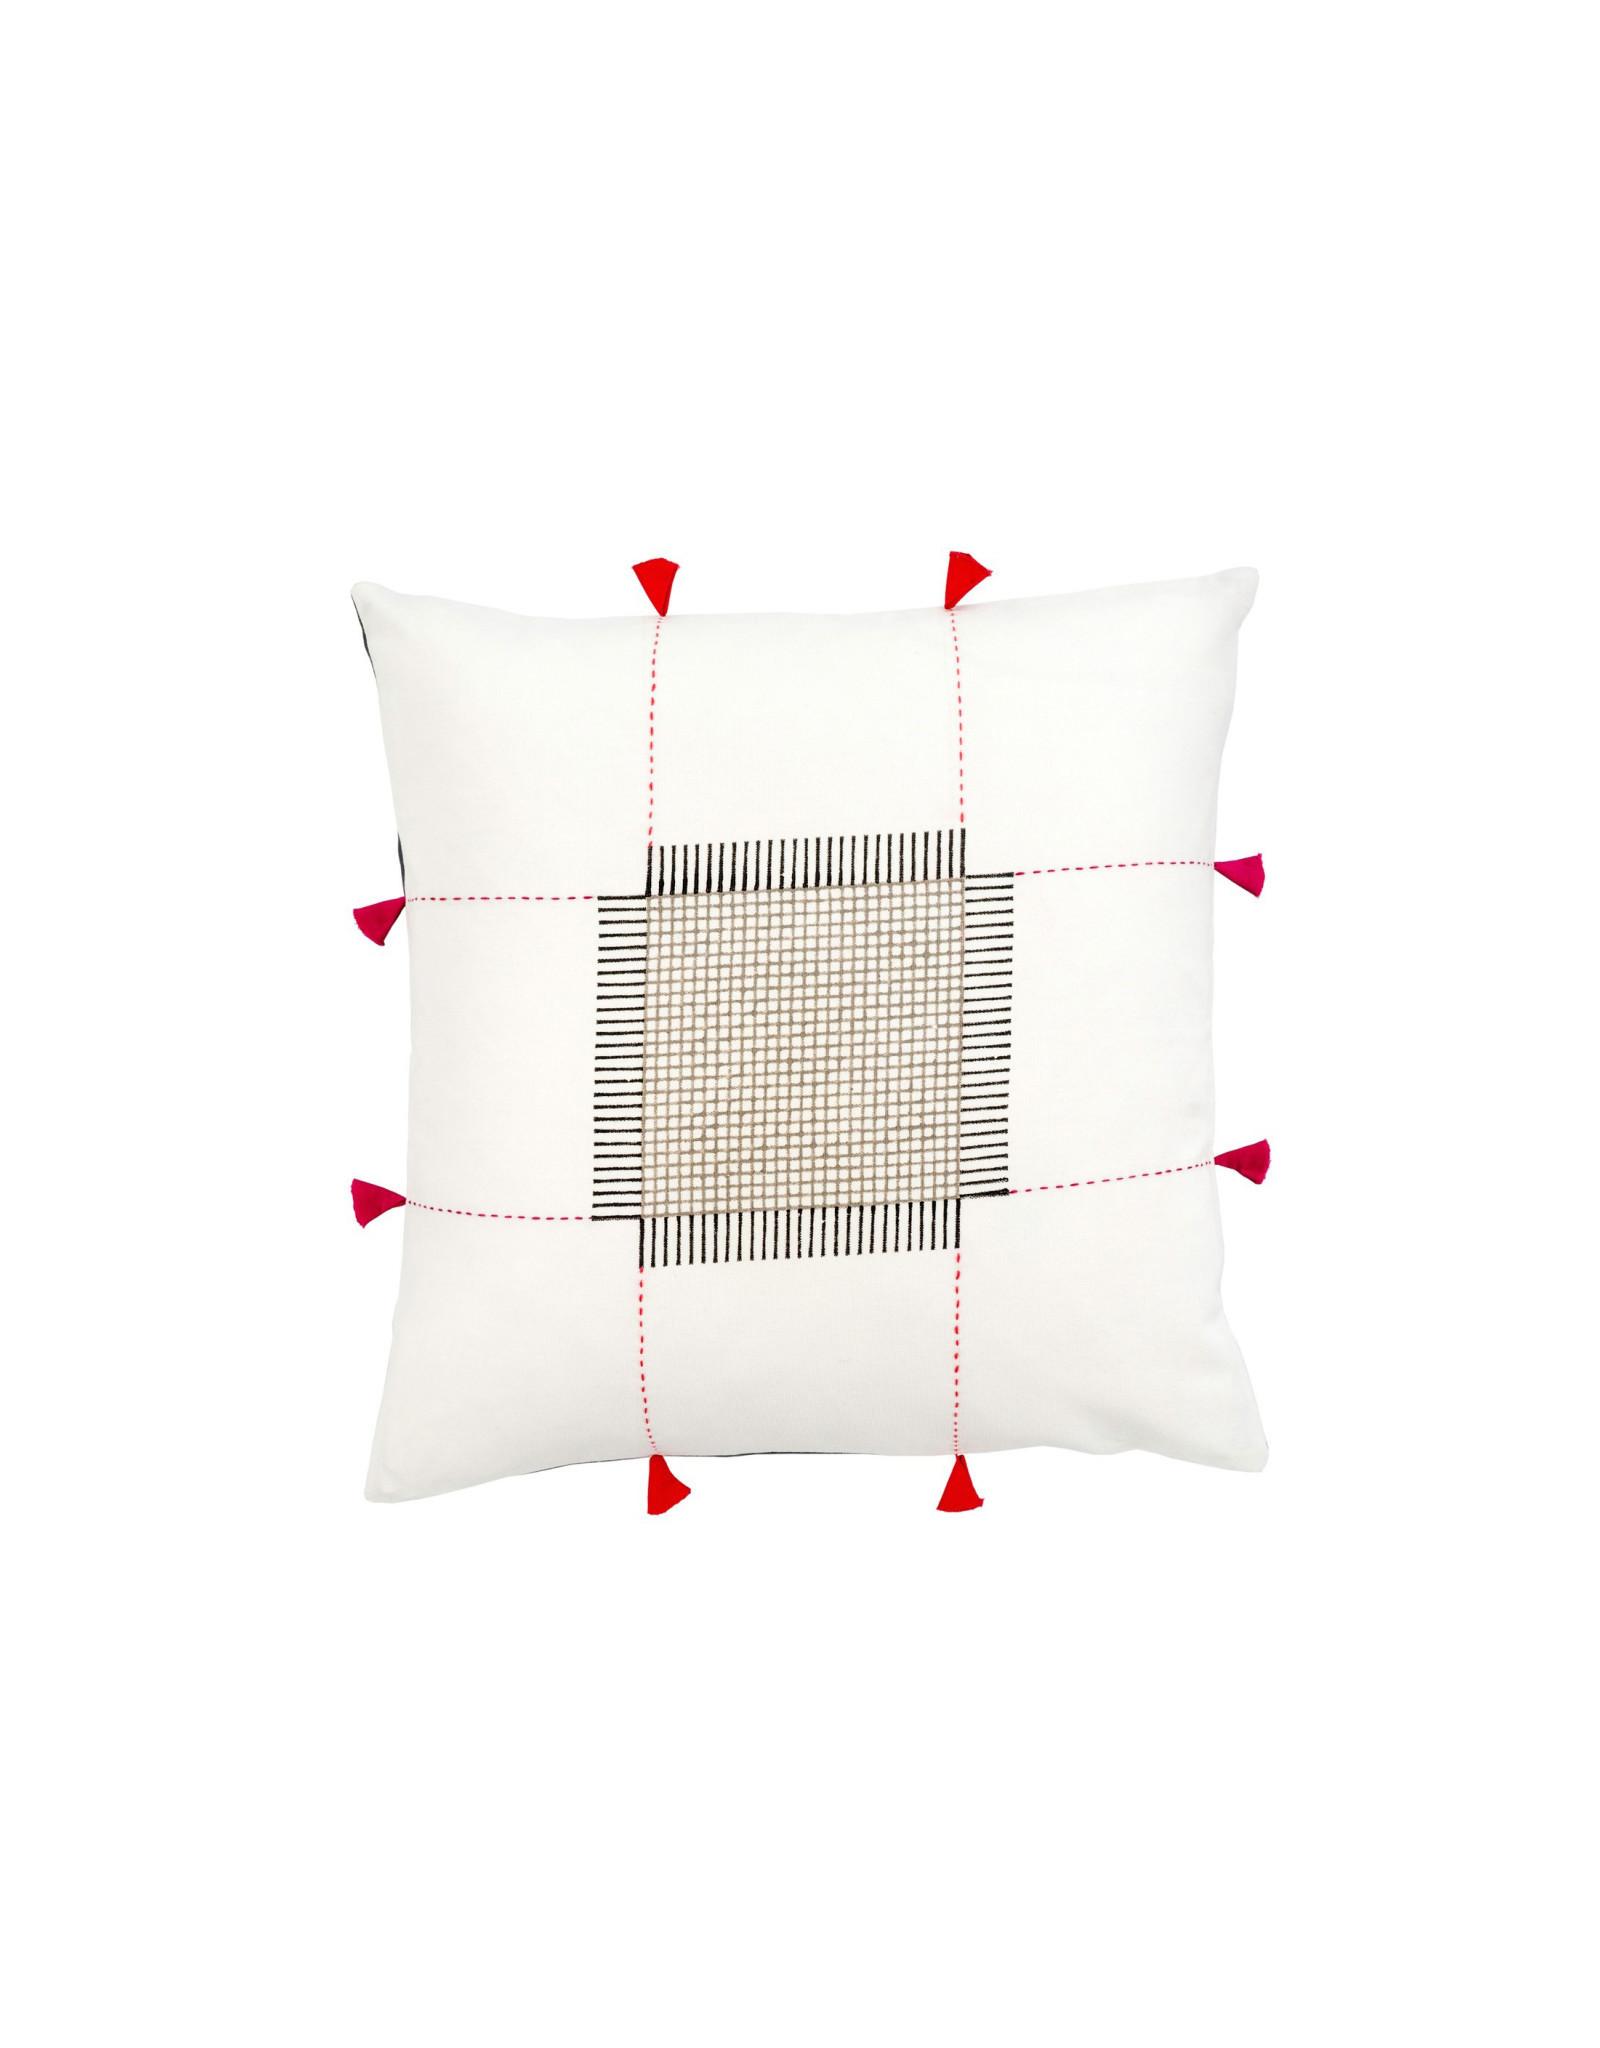 Kolkata Pillow - 8 Red Tassels